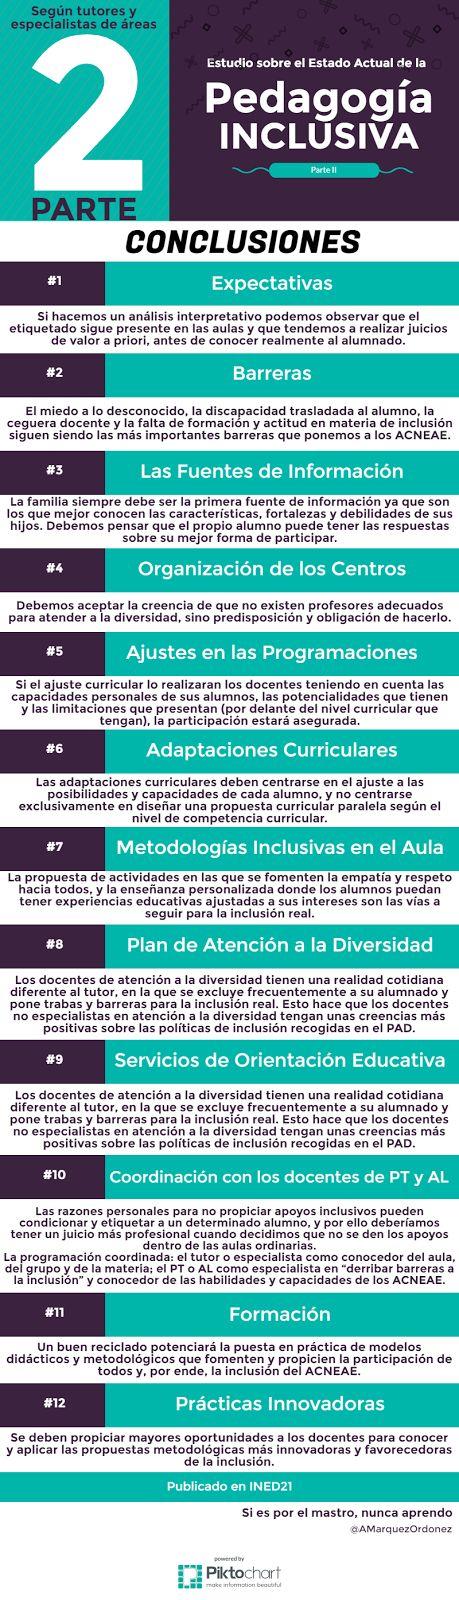 Conclusiones segundo estudio Estado Pedagogía Inclusiva